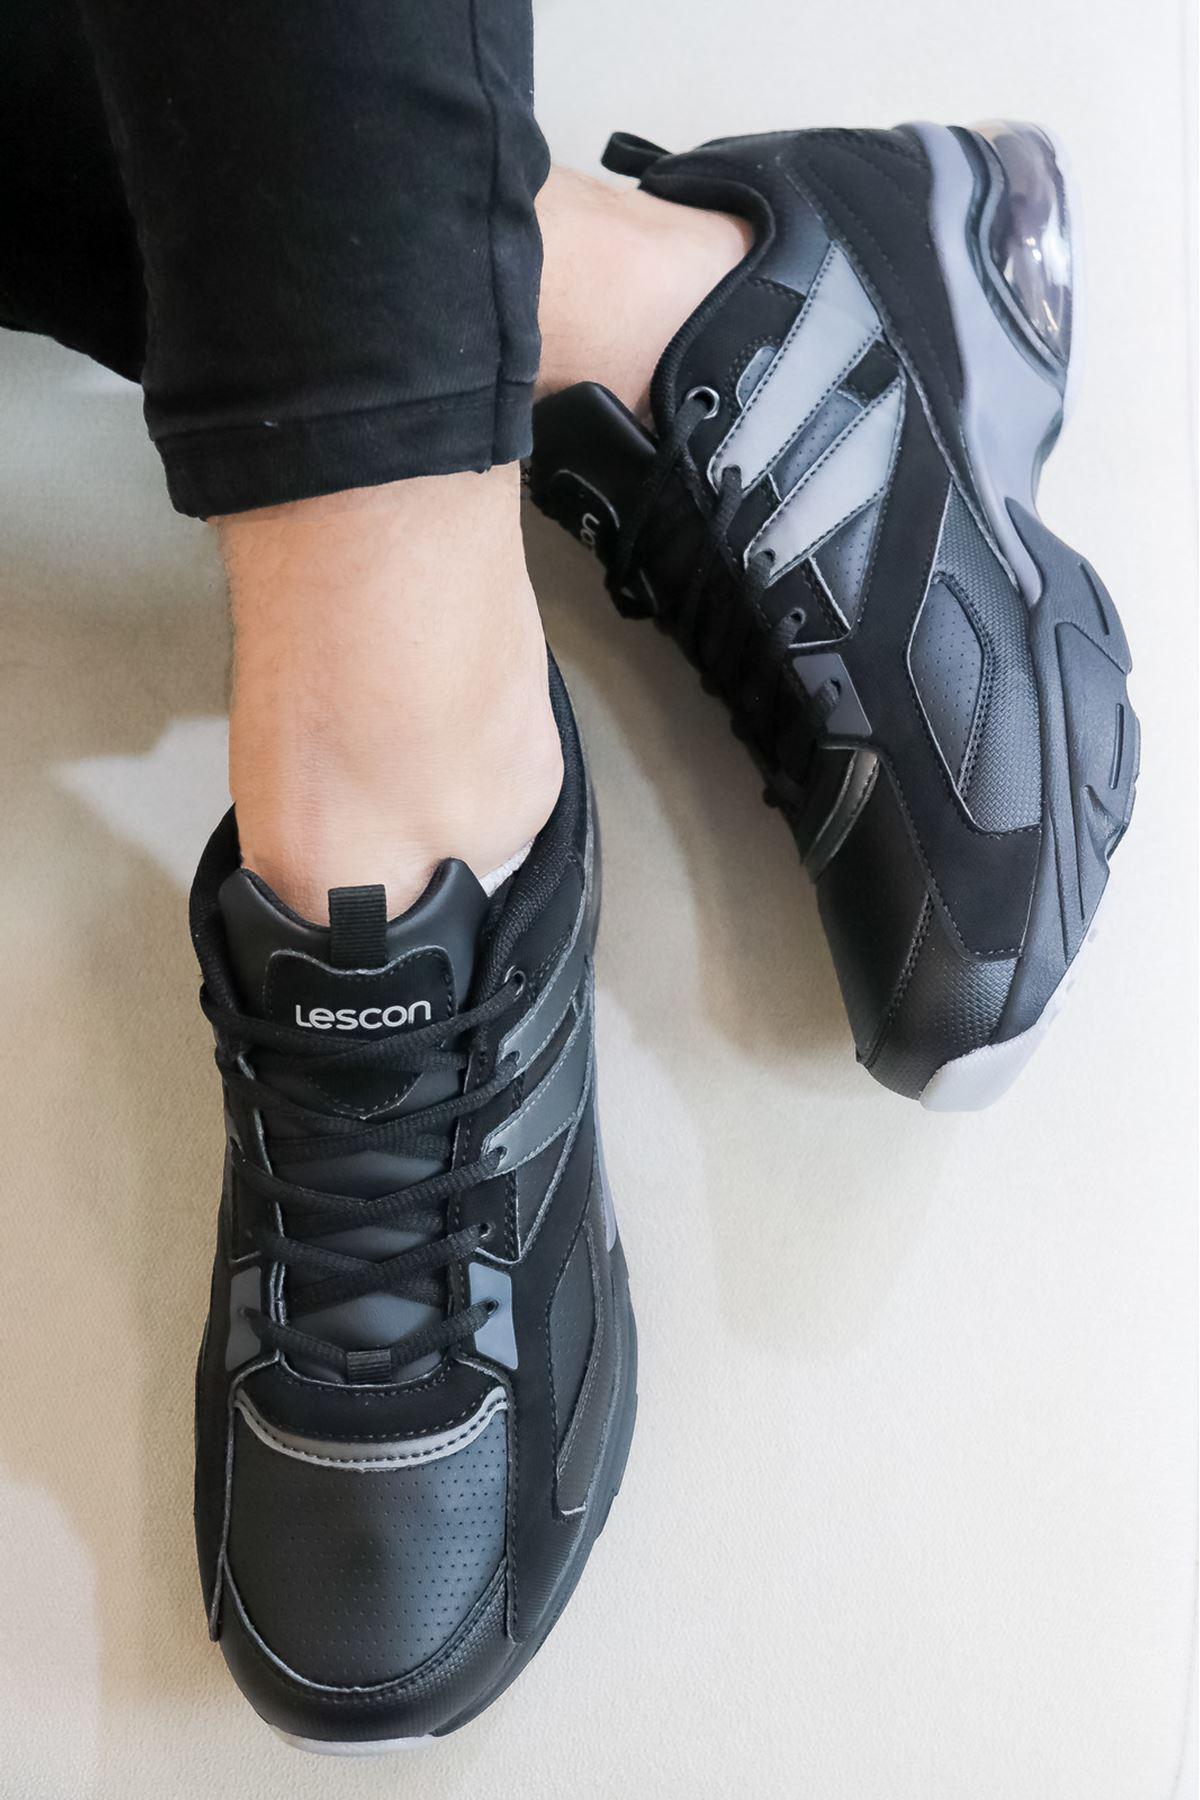 LESCON - Airtube Debut 2 Siyah Erkek Spor Ayakkabısı